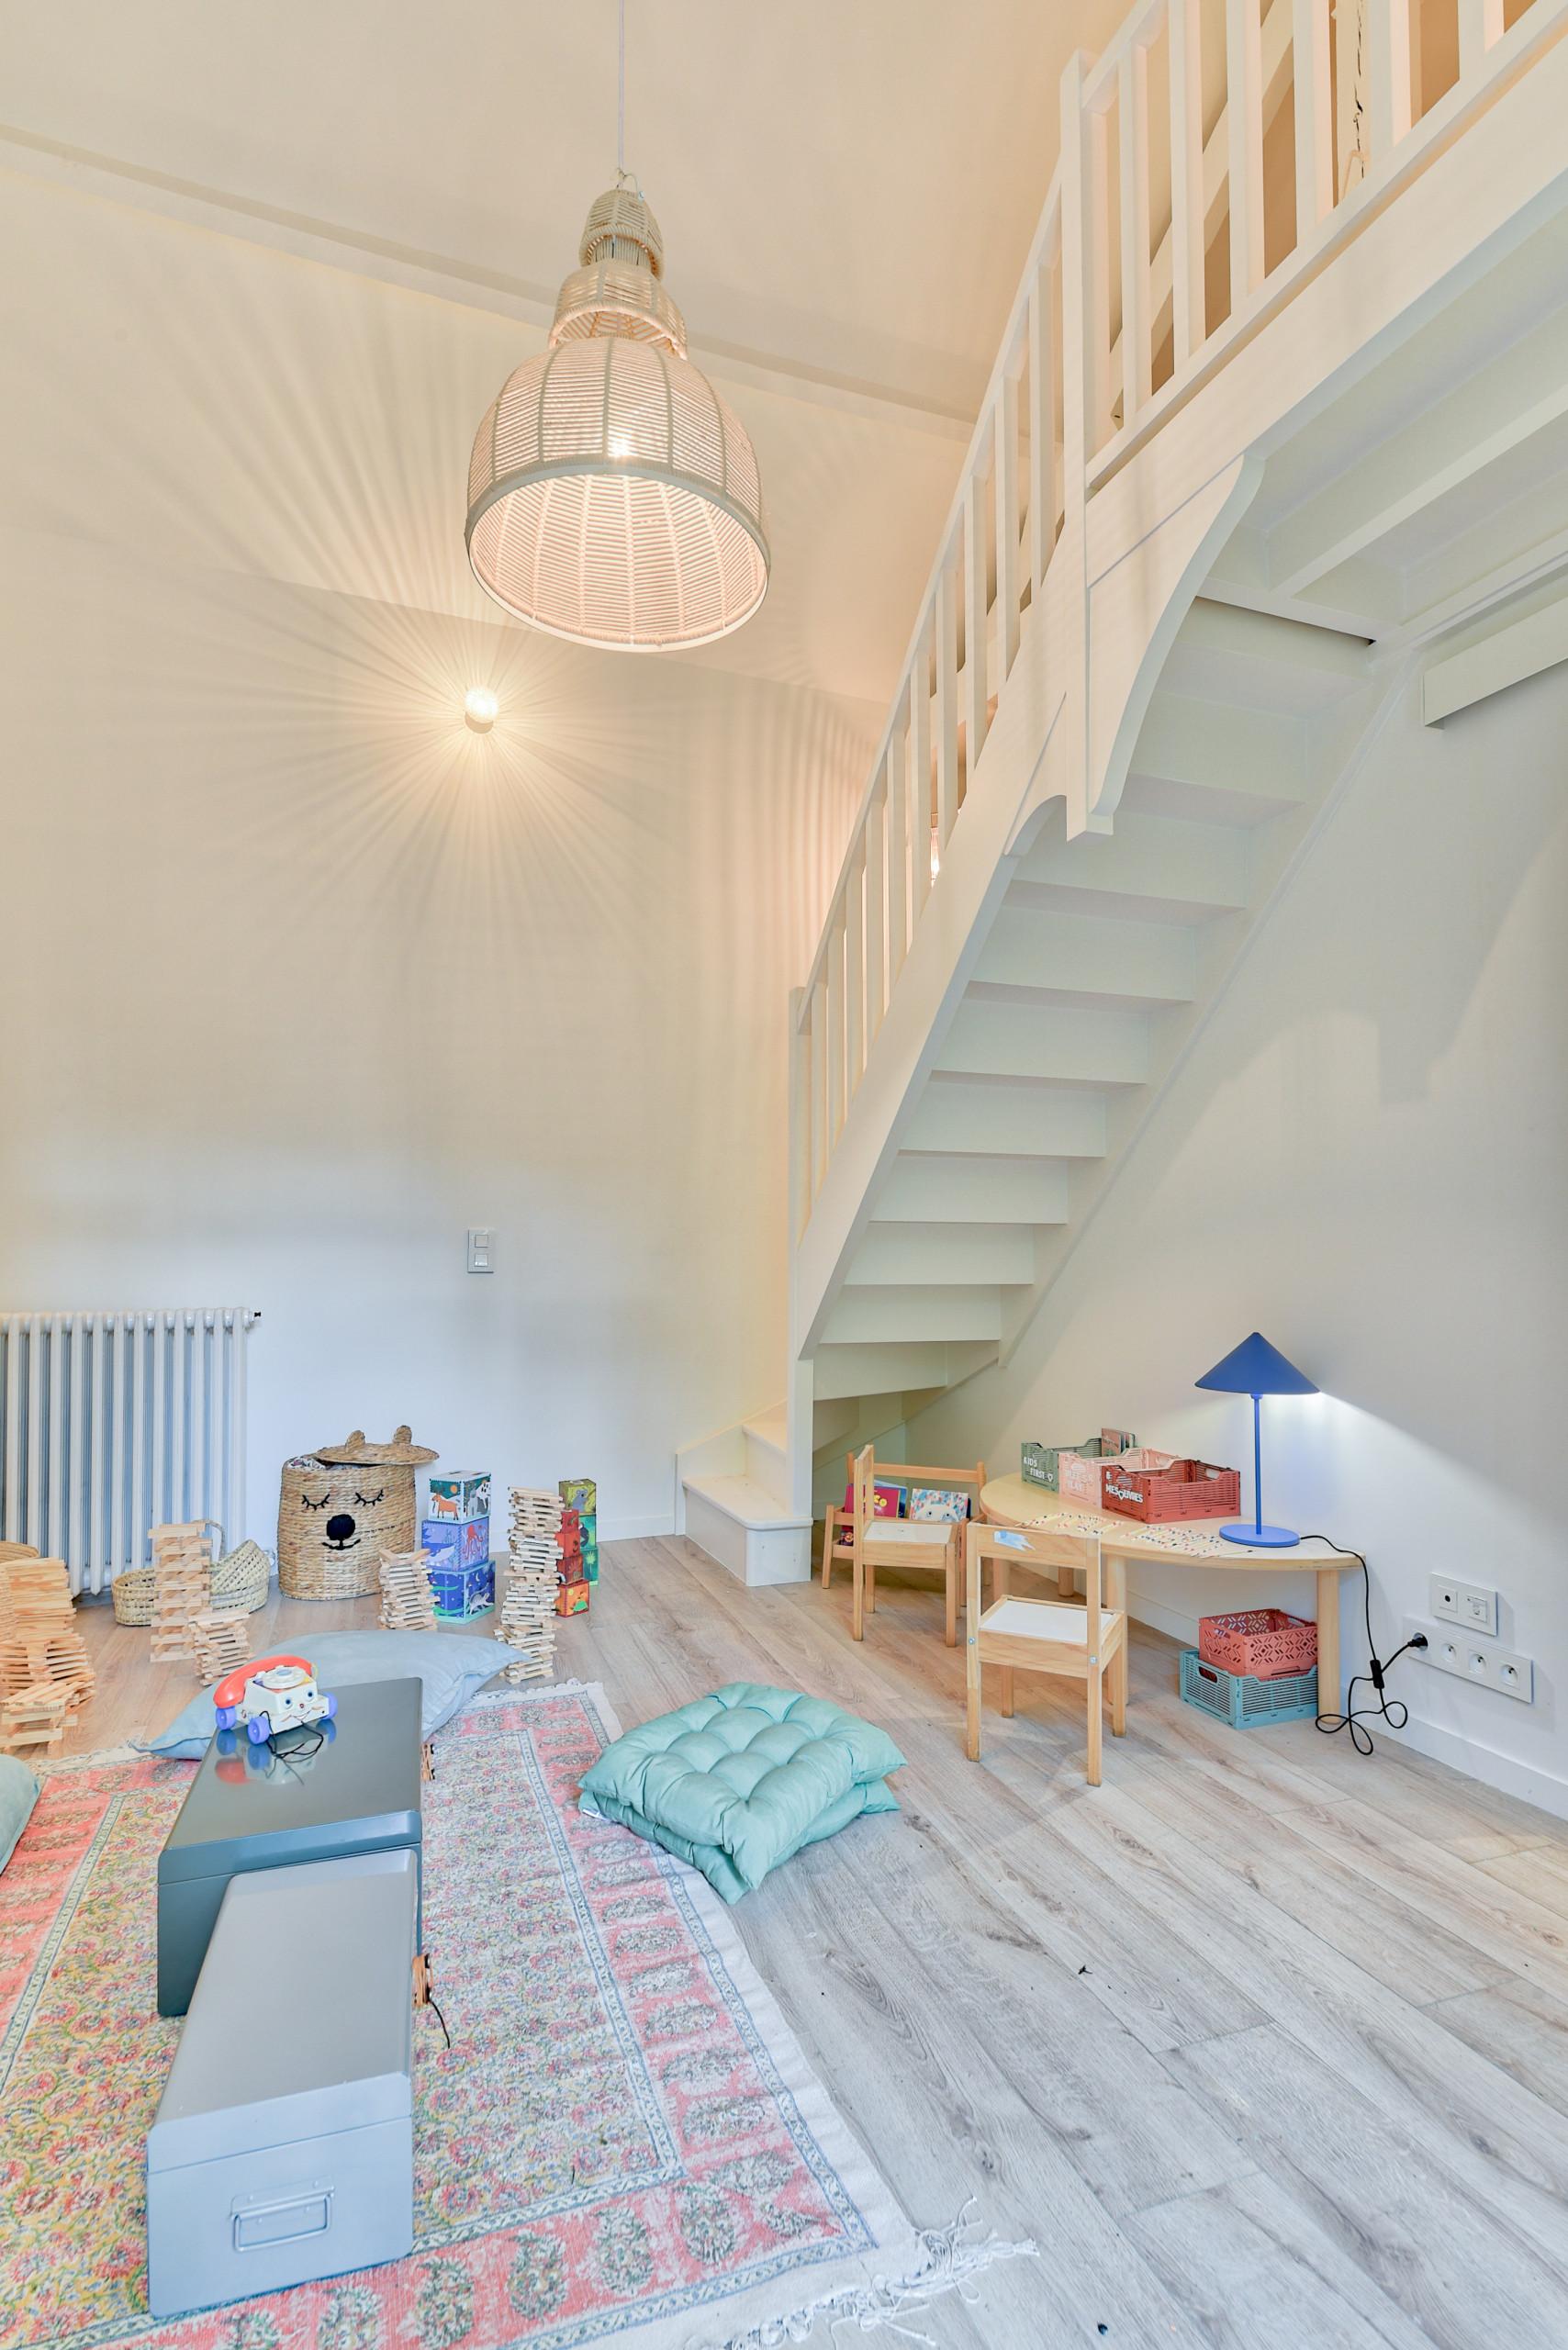 Rénovation d'un corps de ferme de 365 m2 - Maison des enfants